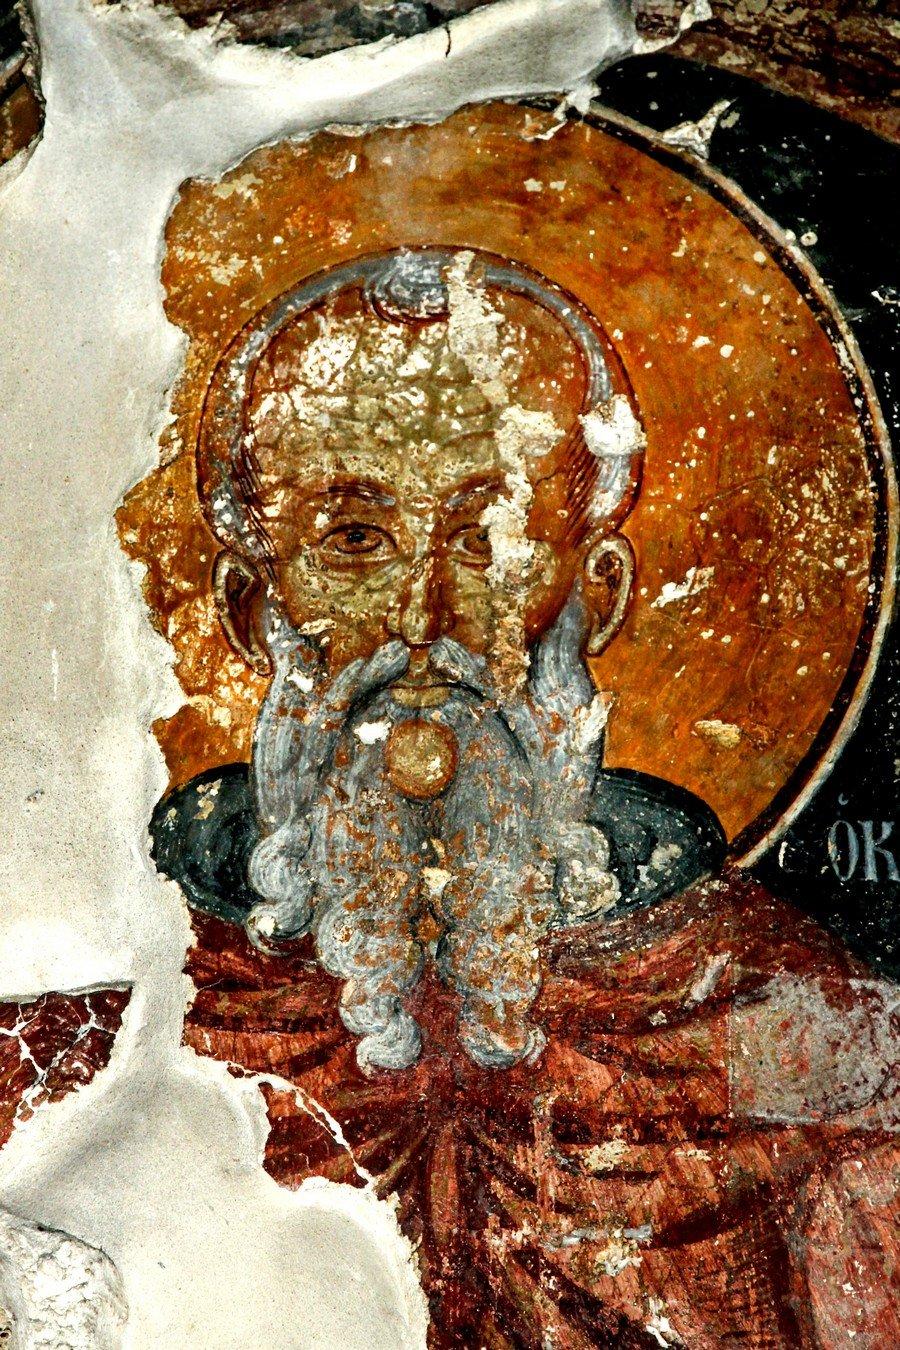 Святой Преподобный Феодосий Великий, общих житий начальник. Фреска церкви Святого Феодосия в Ахелии на Кипре.